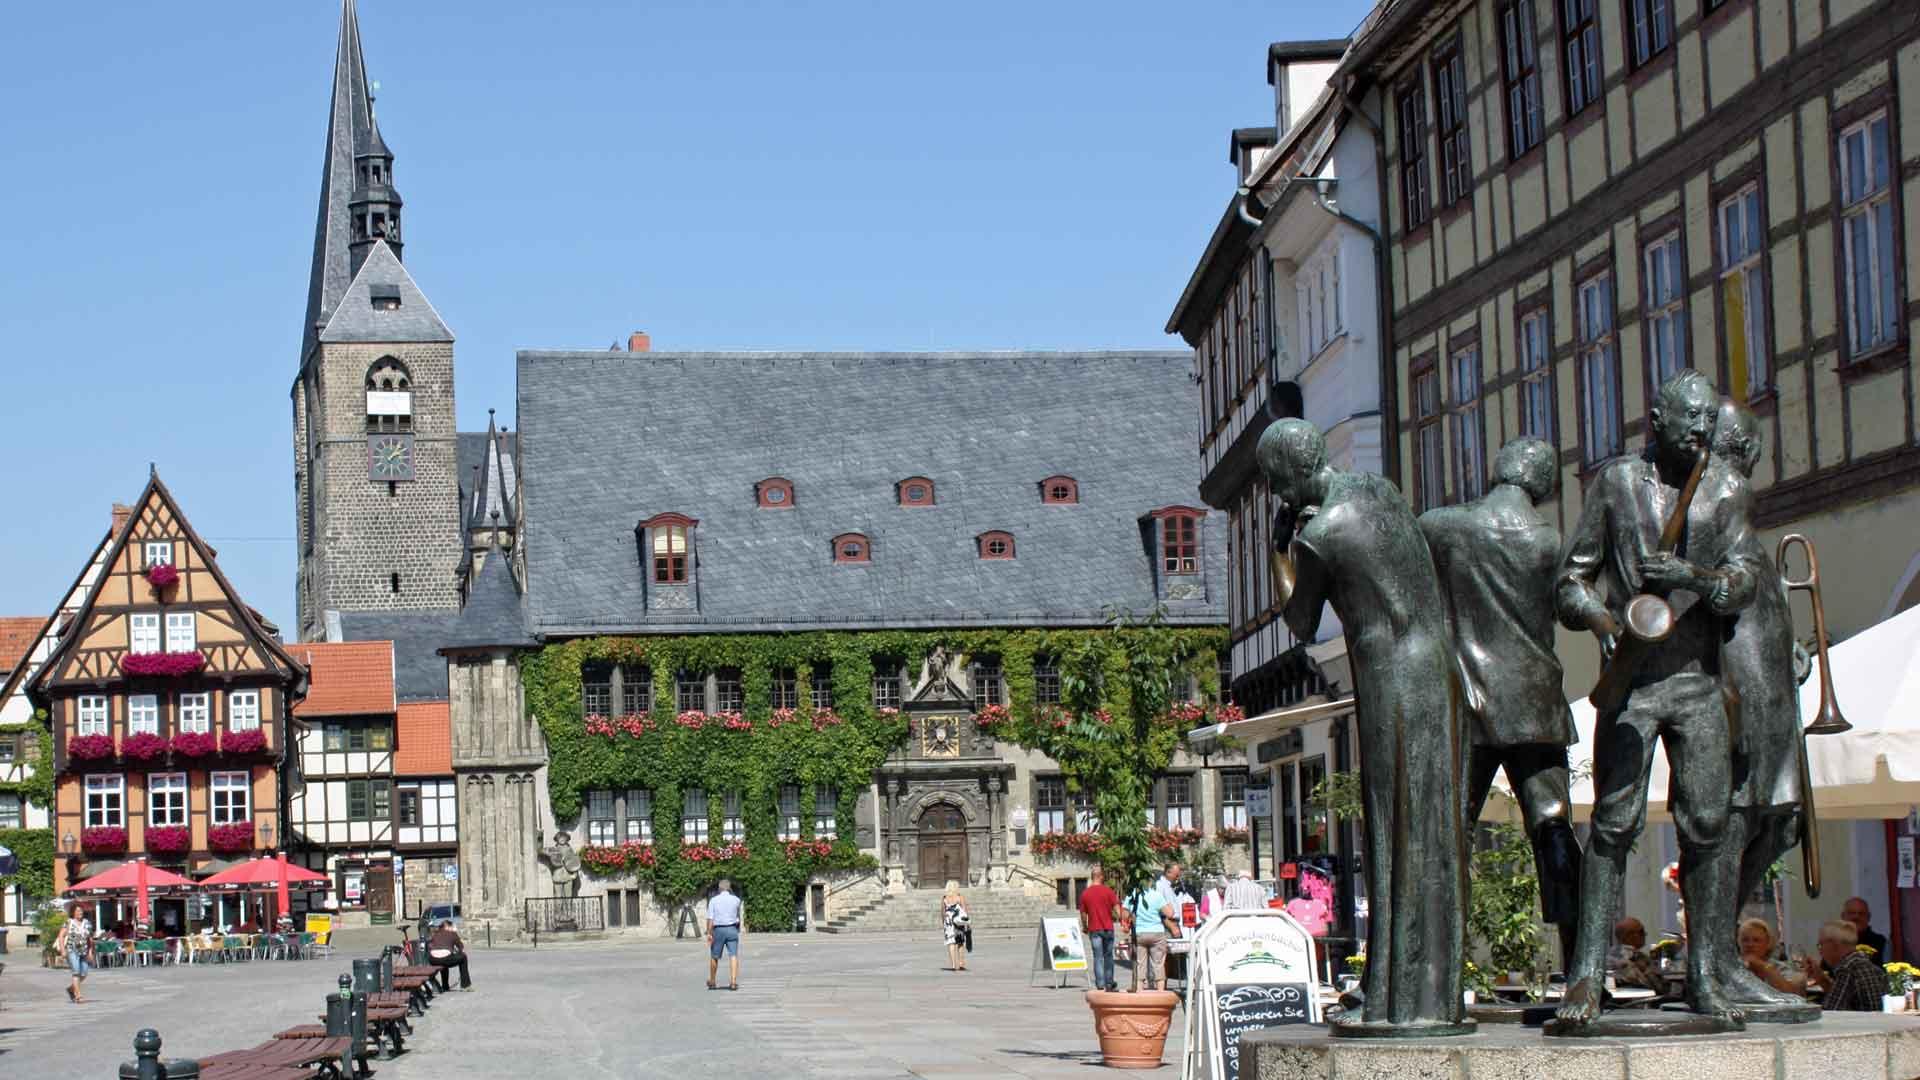 Het gezellige centrum van Quedlinburg in de Harz.